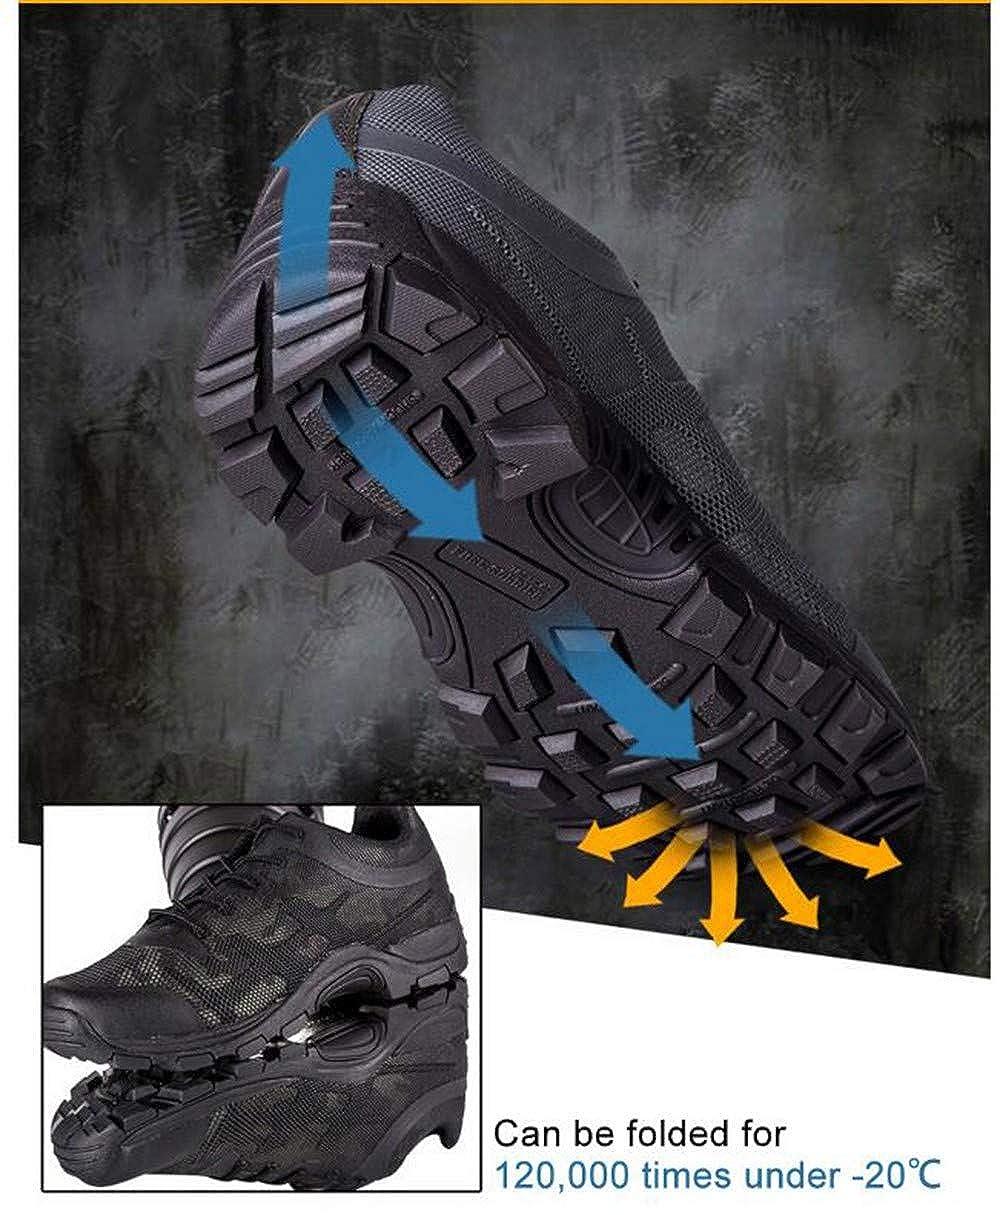 UCNHD Wanderhalbschuhe Outdoor Sports Camping Camping Camping Schuhe Wandern Klettern Rutschfester Atmungsaktiver Schuh 27ed18